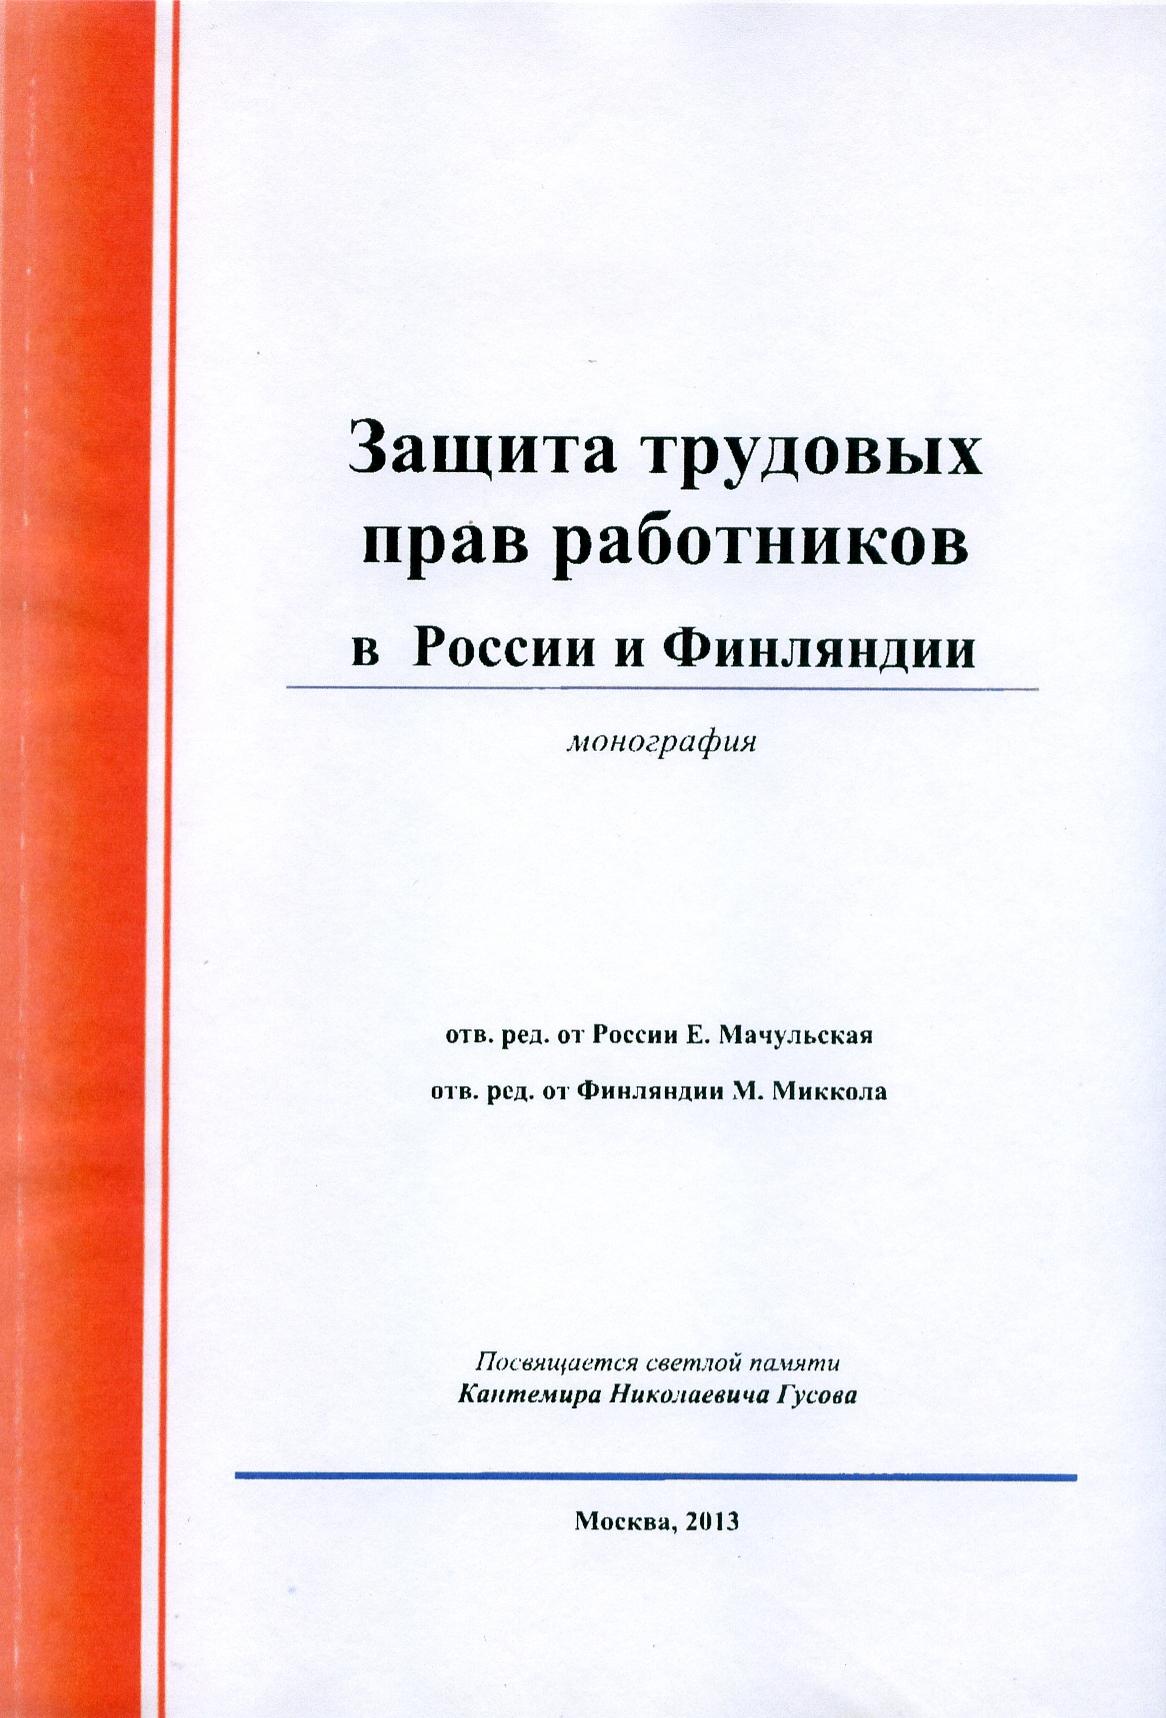 Иностранные работники в России